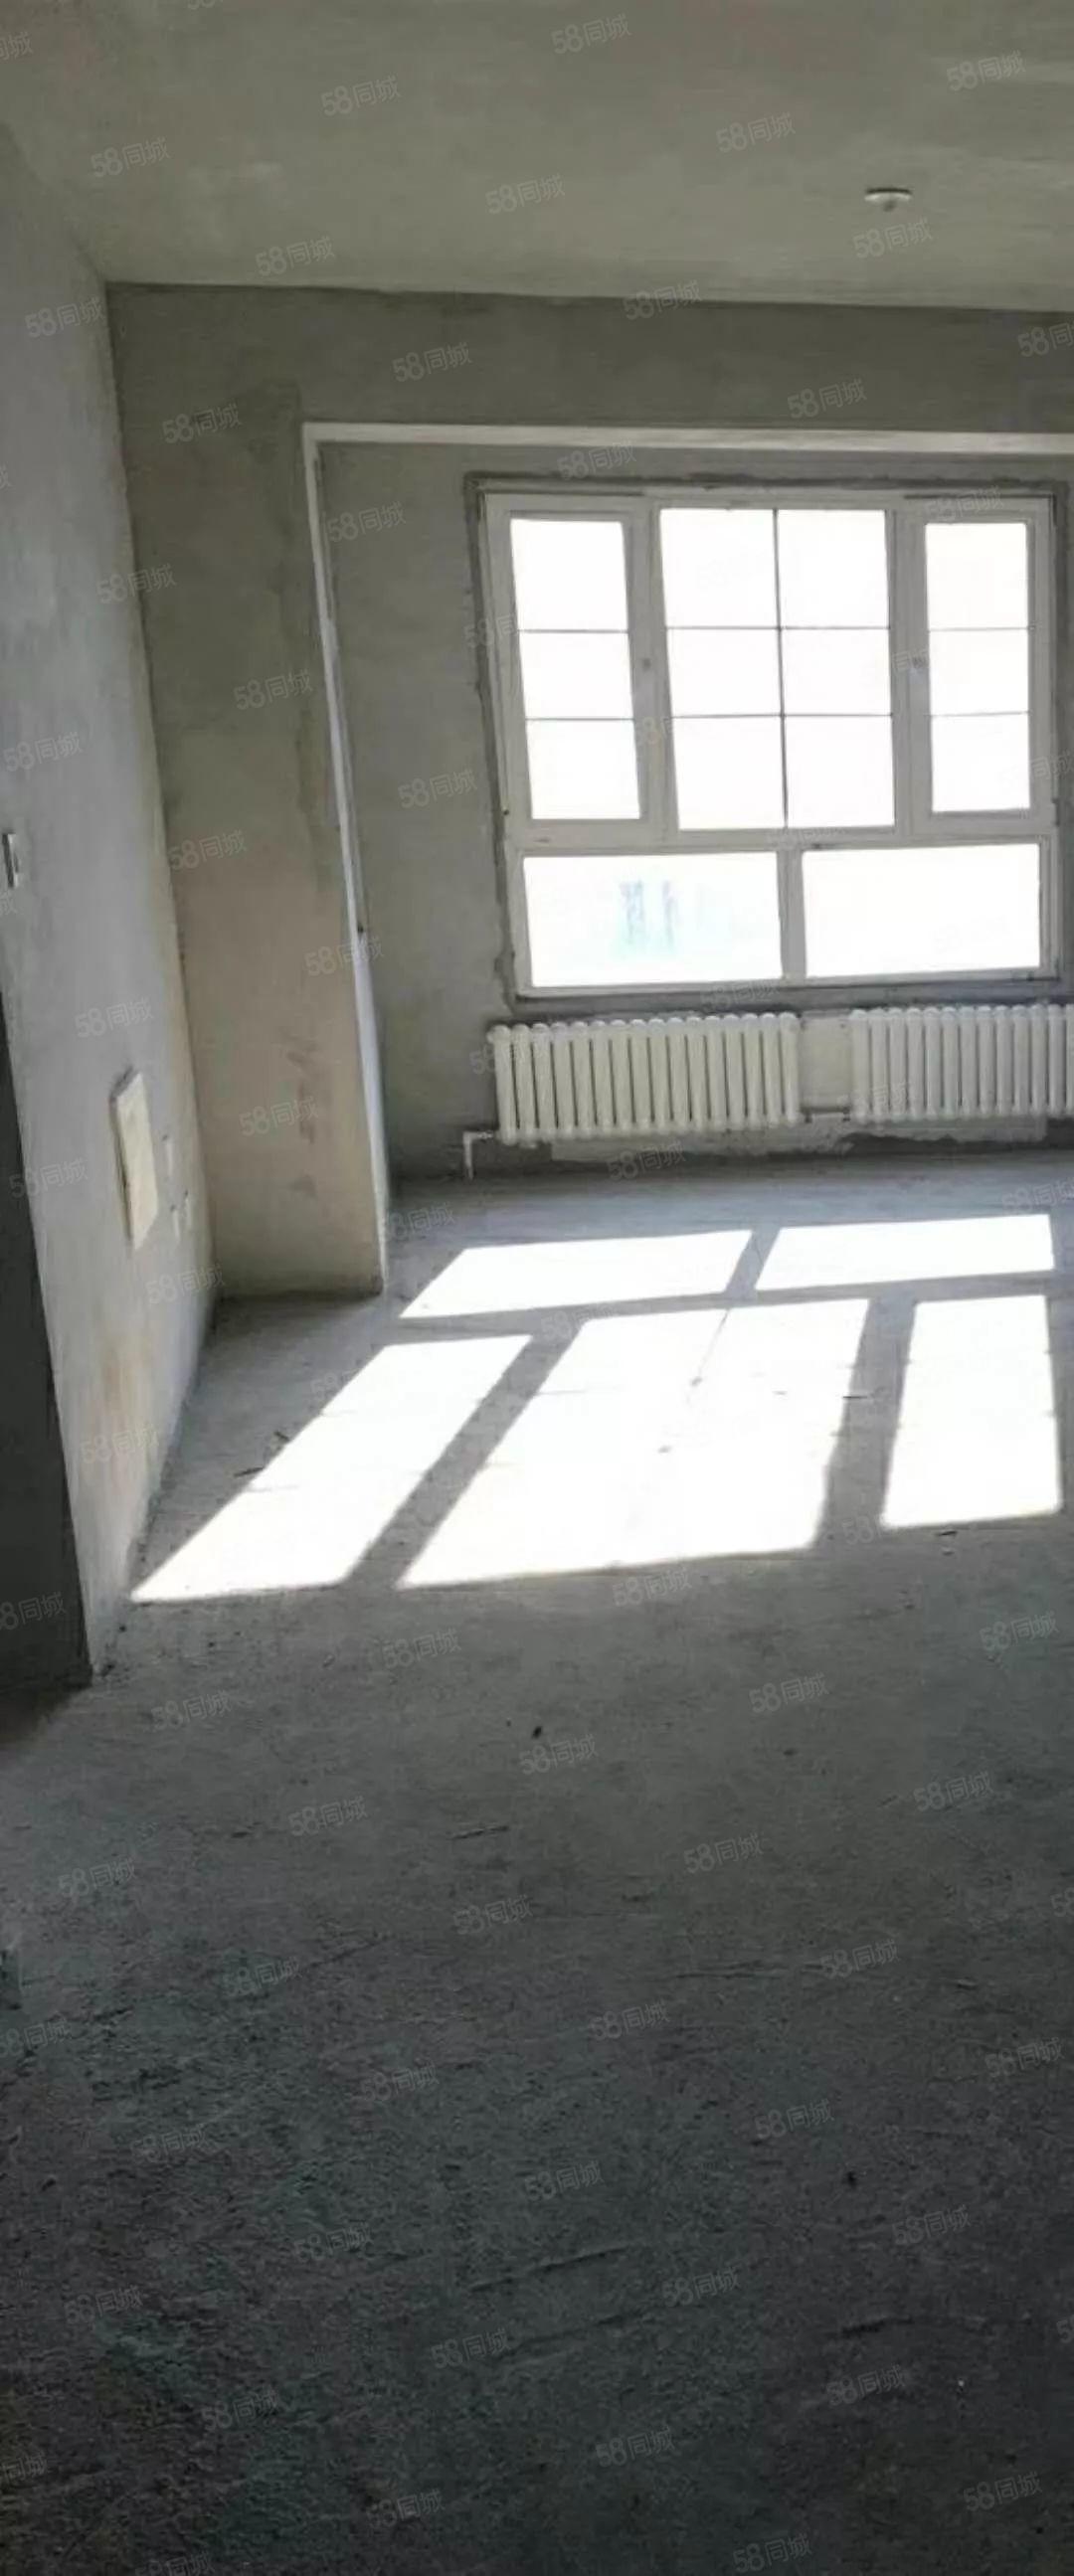 急售欣豪尚品小户型公寓式住宅可公积金贷款